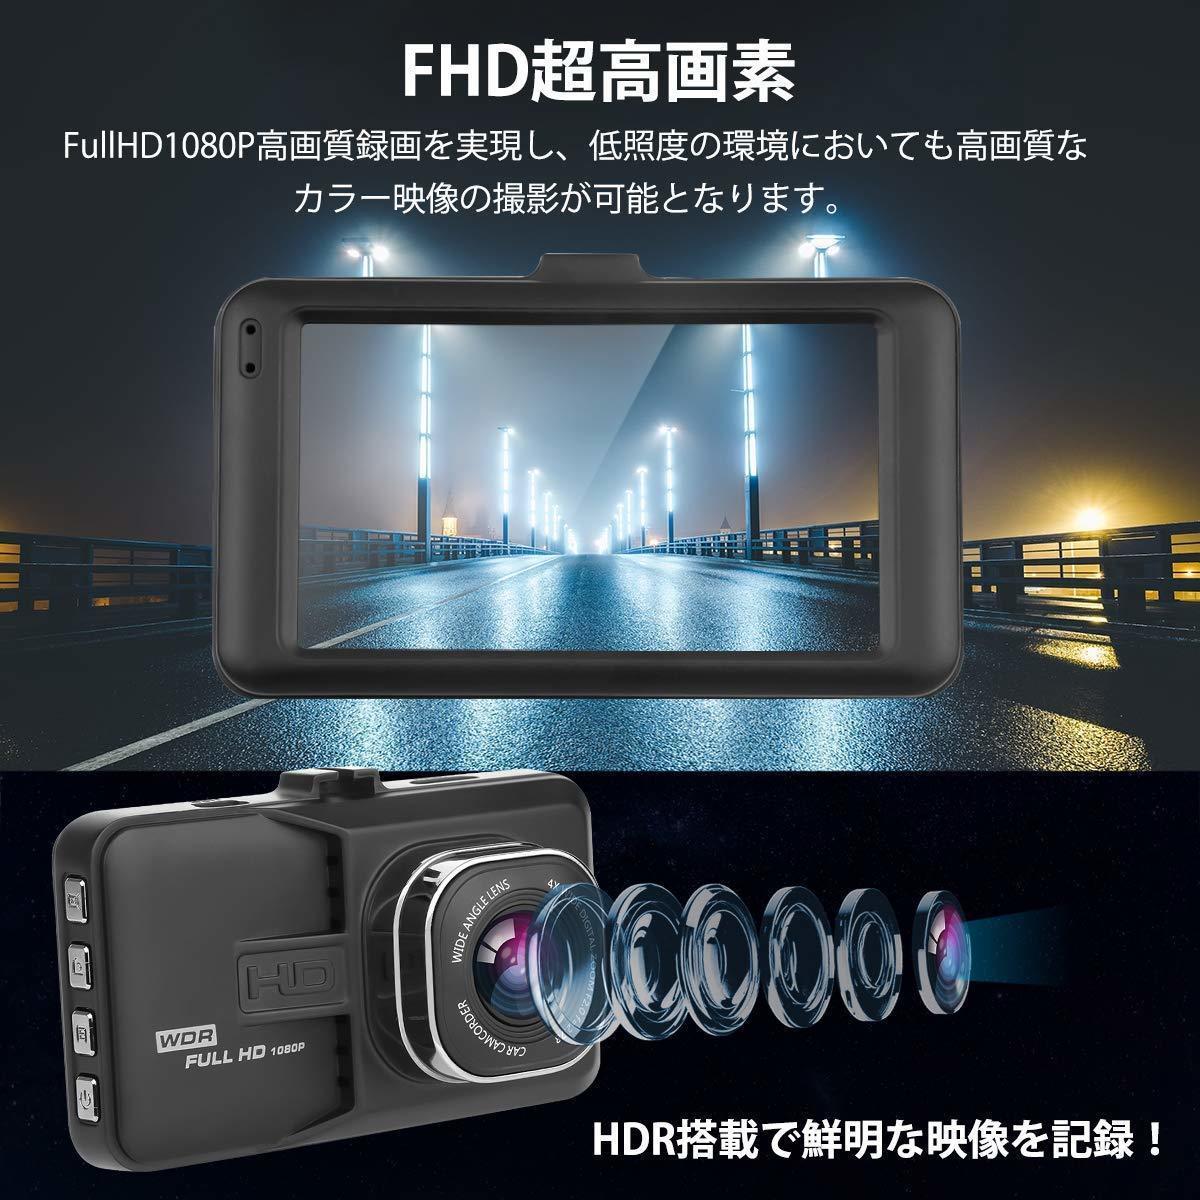 S54 ドライブレコーダー 車載カメラ 1080P フルHD Gセンサー ループ録画 駐車監視 WDR 衝撃録画 日本語 ブラック_画像4